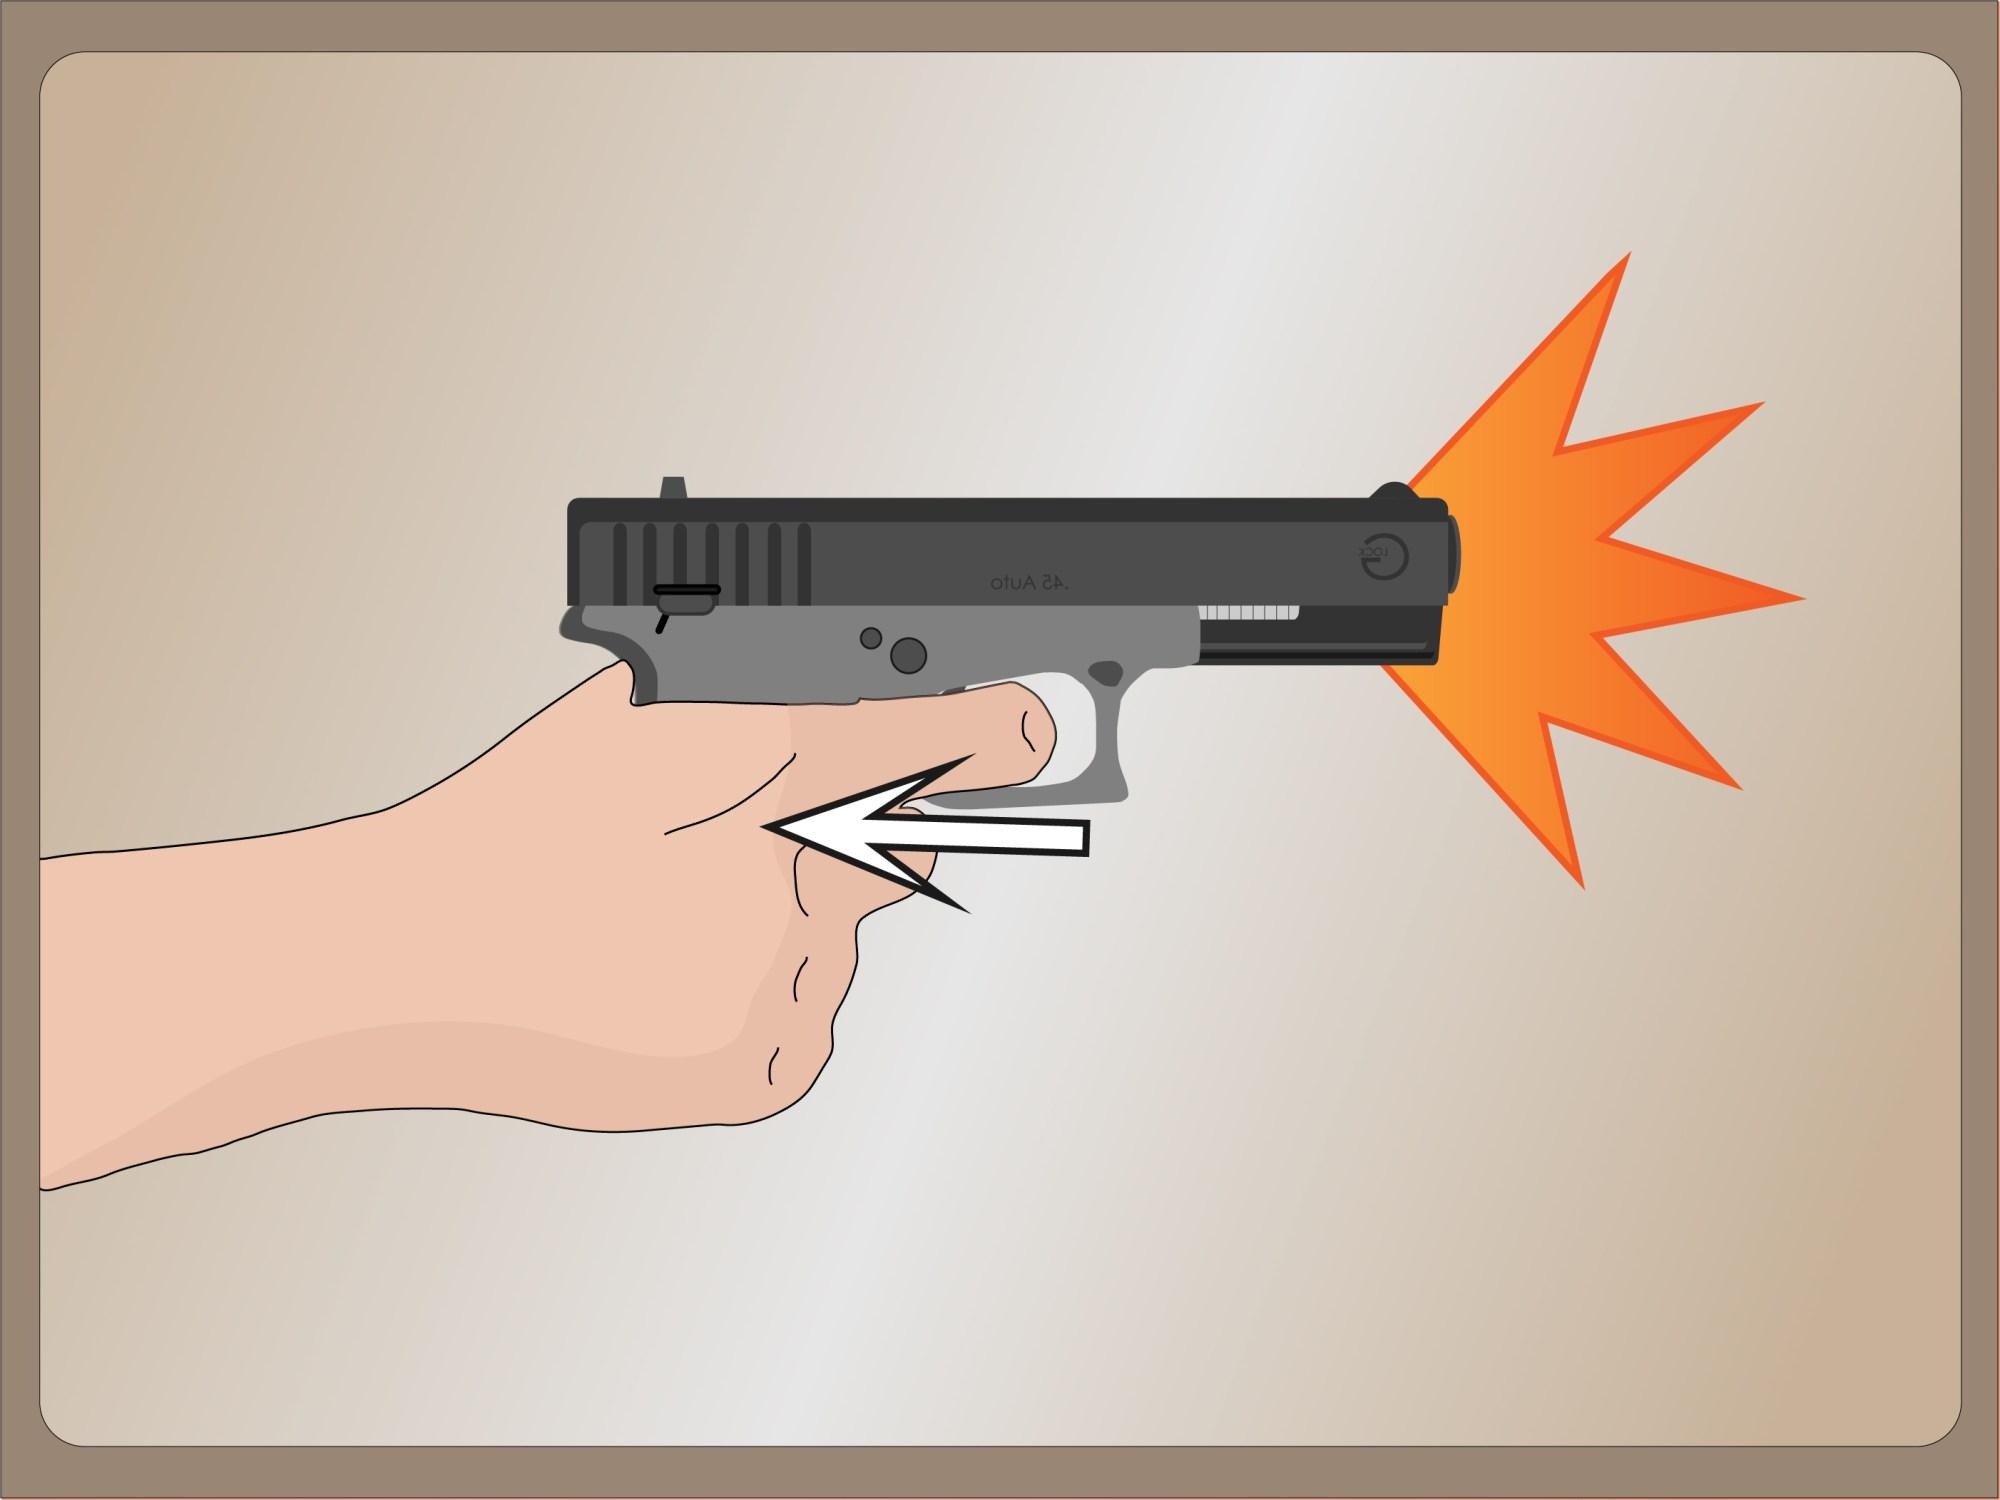 hight resolution of handgun safety diagram